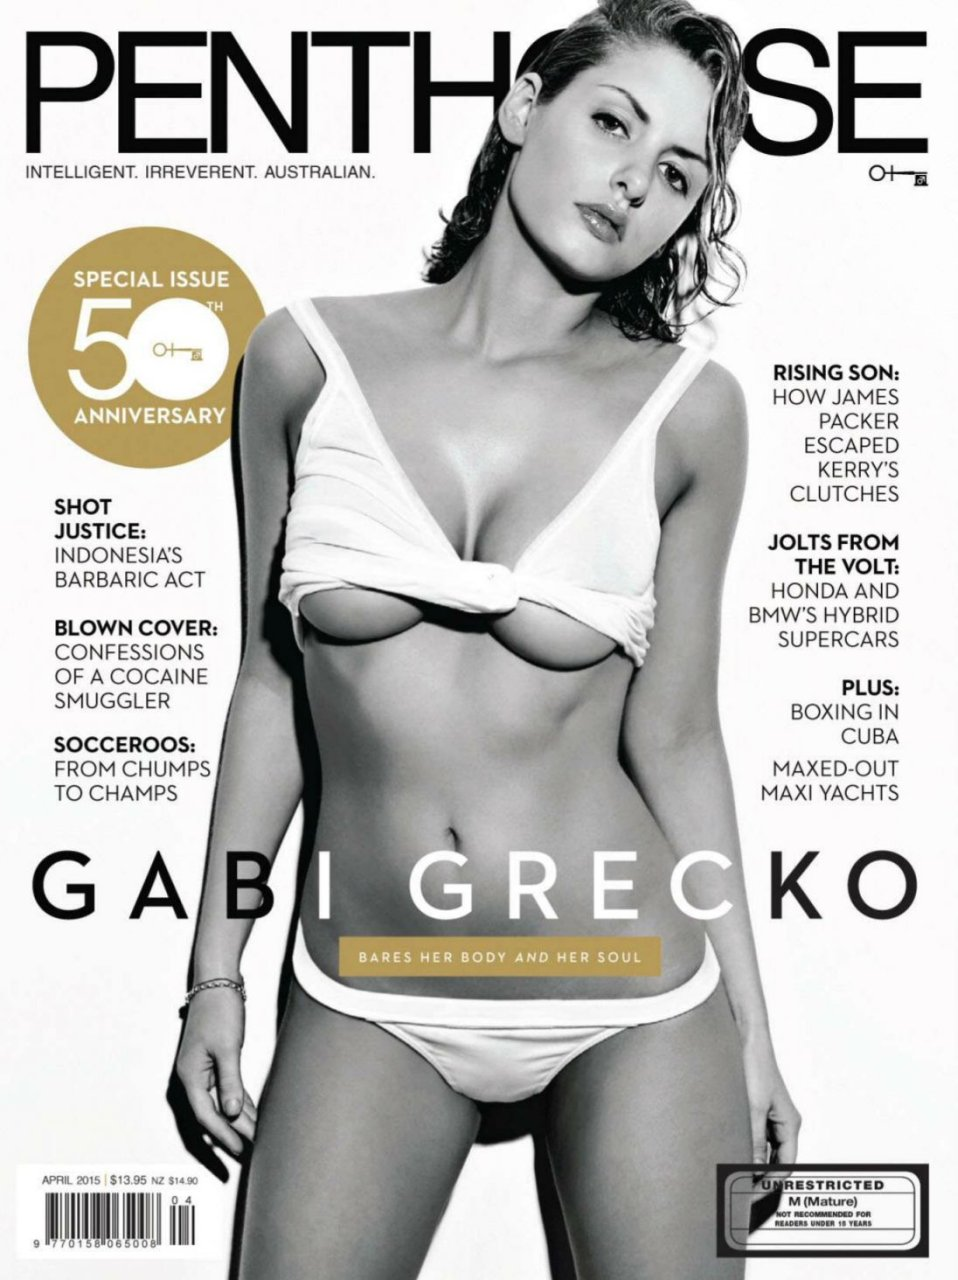 Смотреть эротический журнал пентхаус онлайн 19 фотография